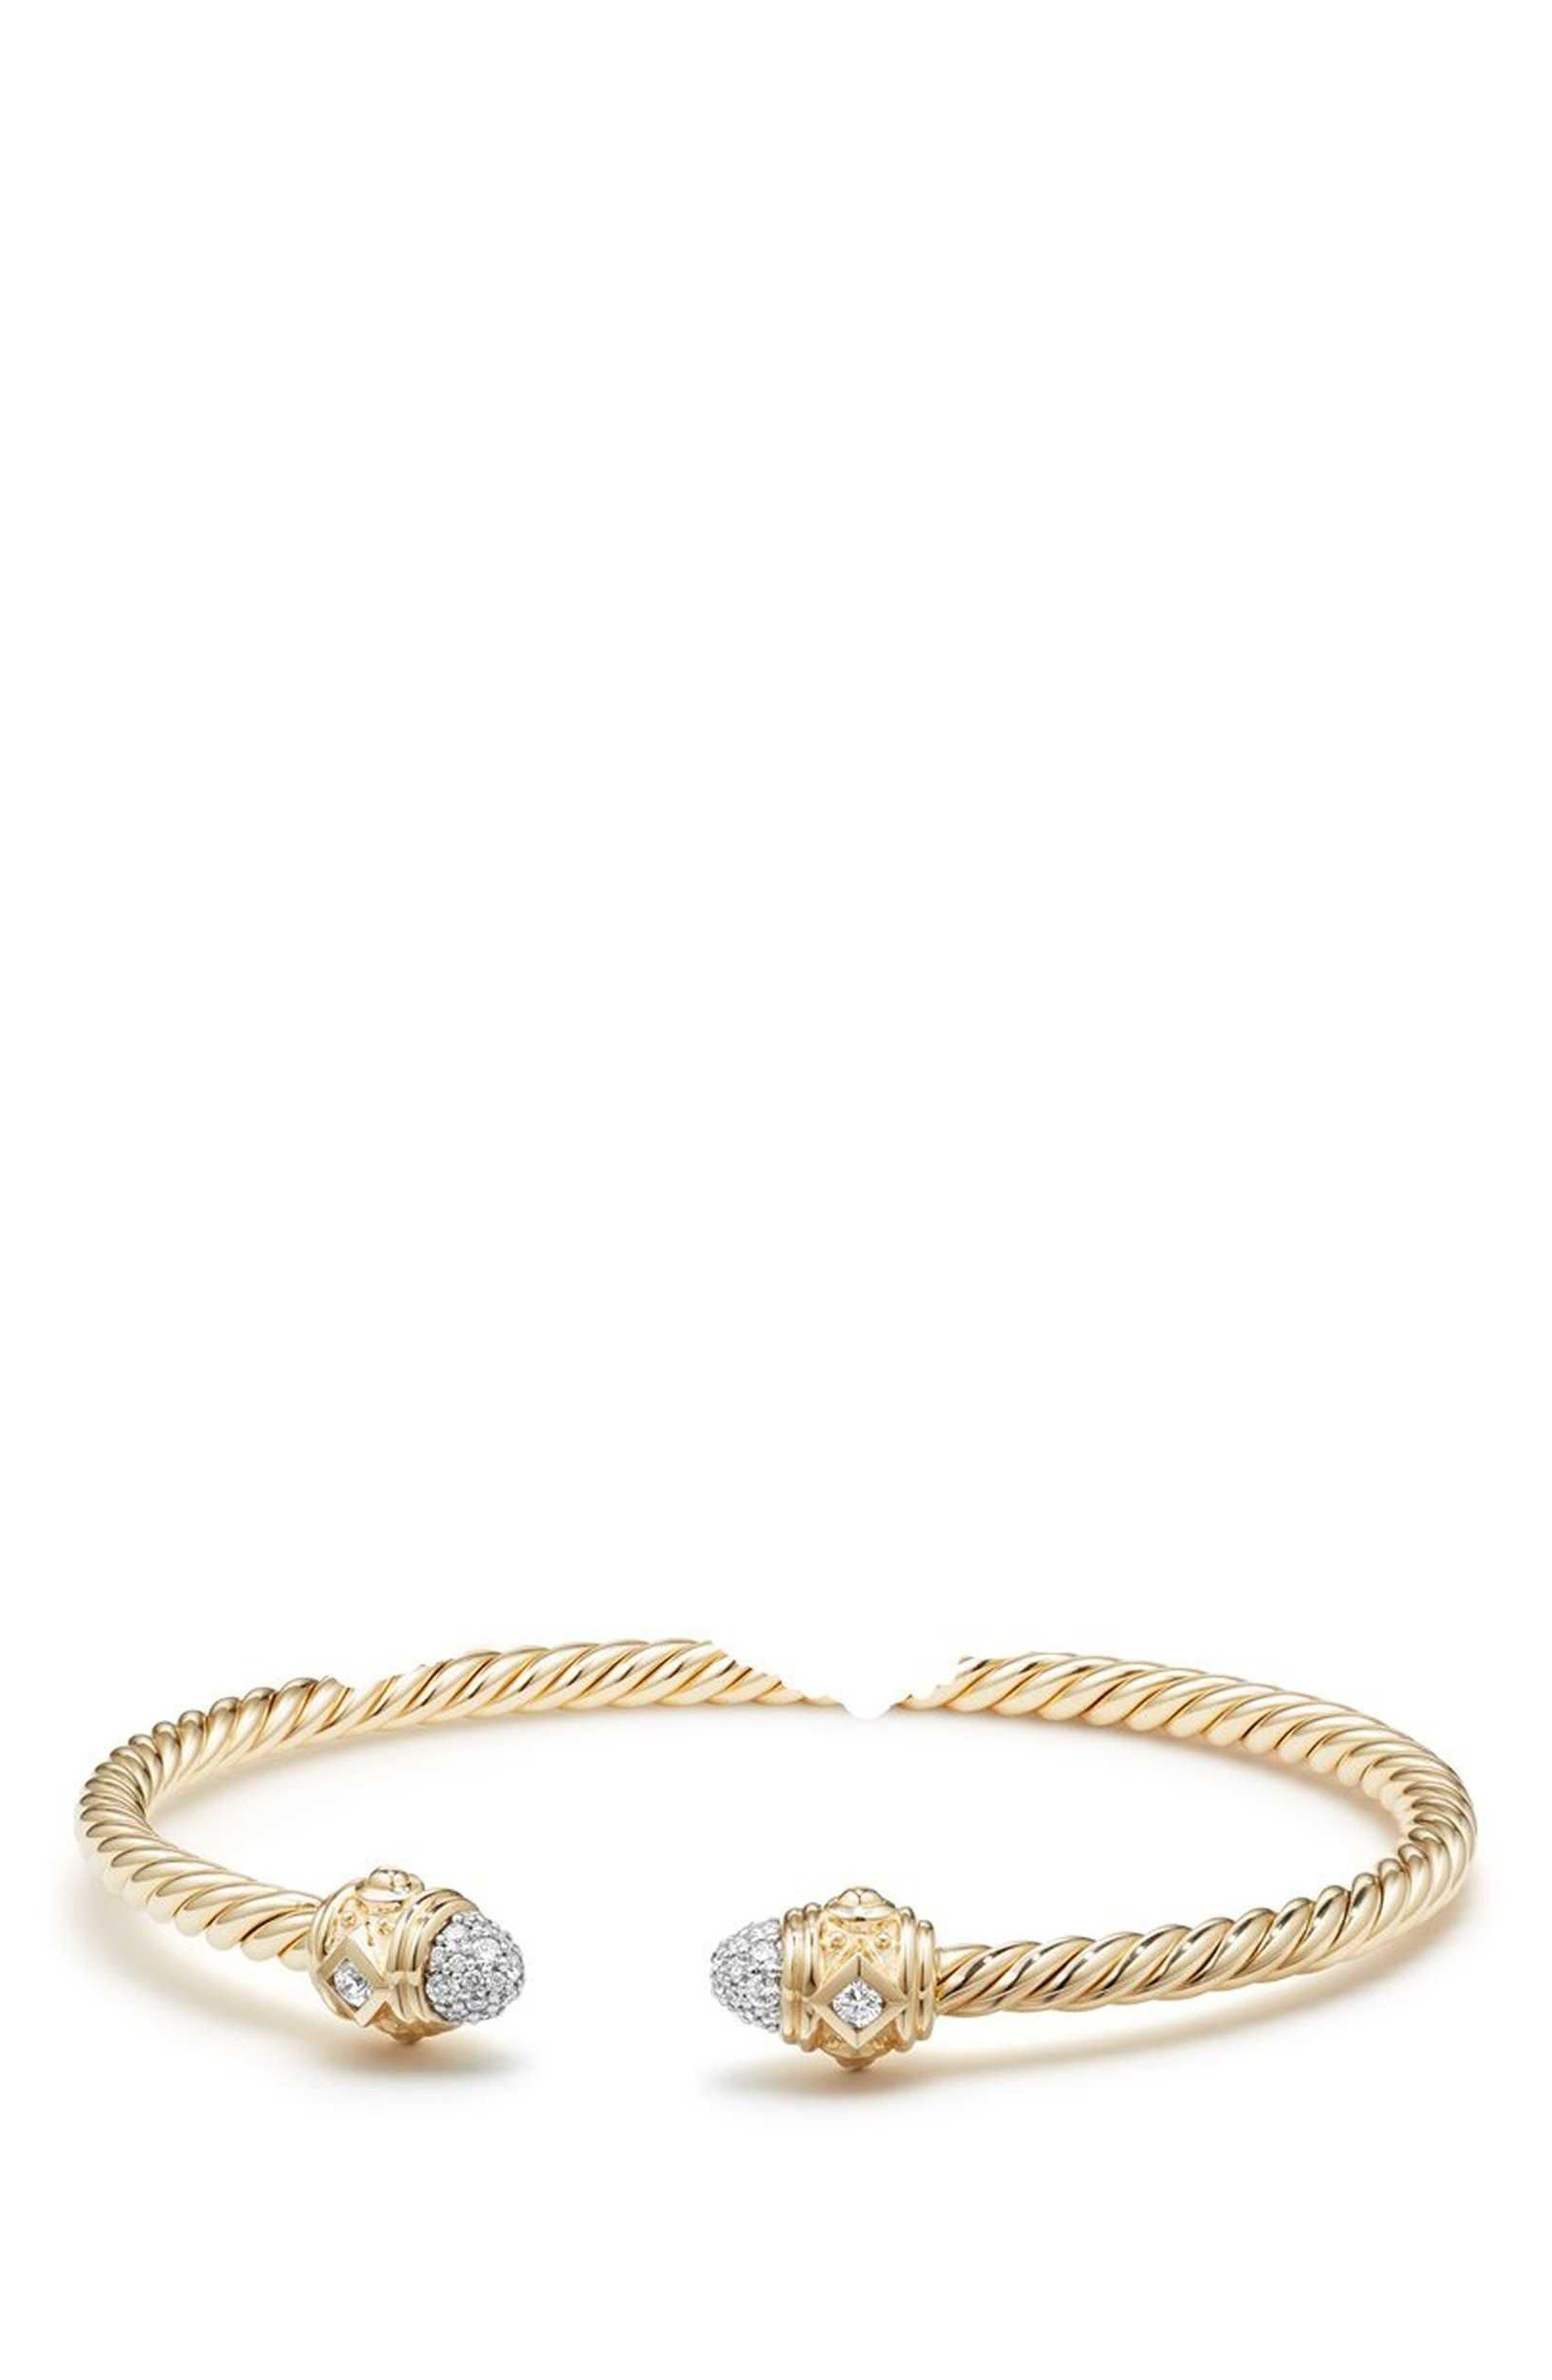 Renaissance 18k Gold Bracelet with Diamonds,                         Main,                         color, GOLD/ DIAMOND